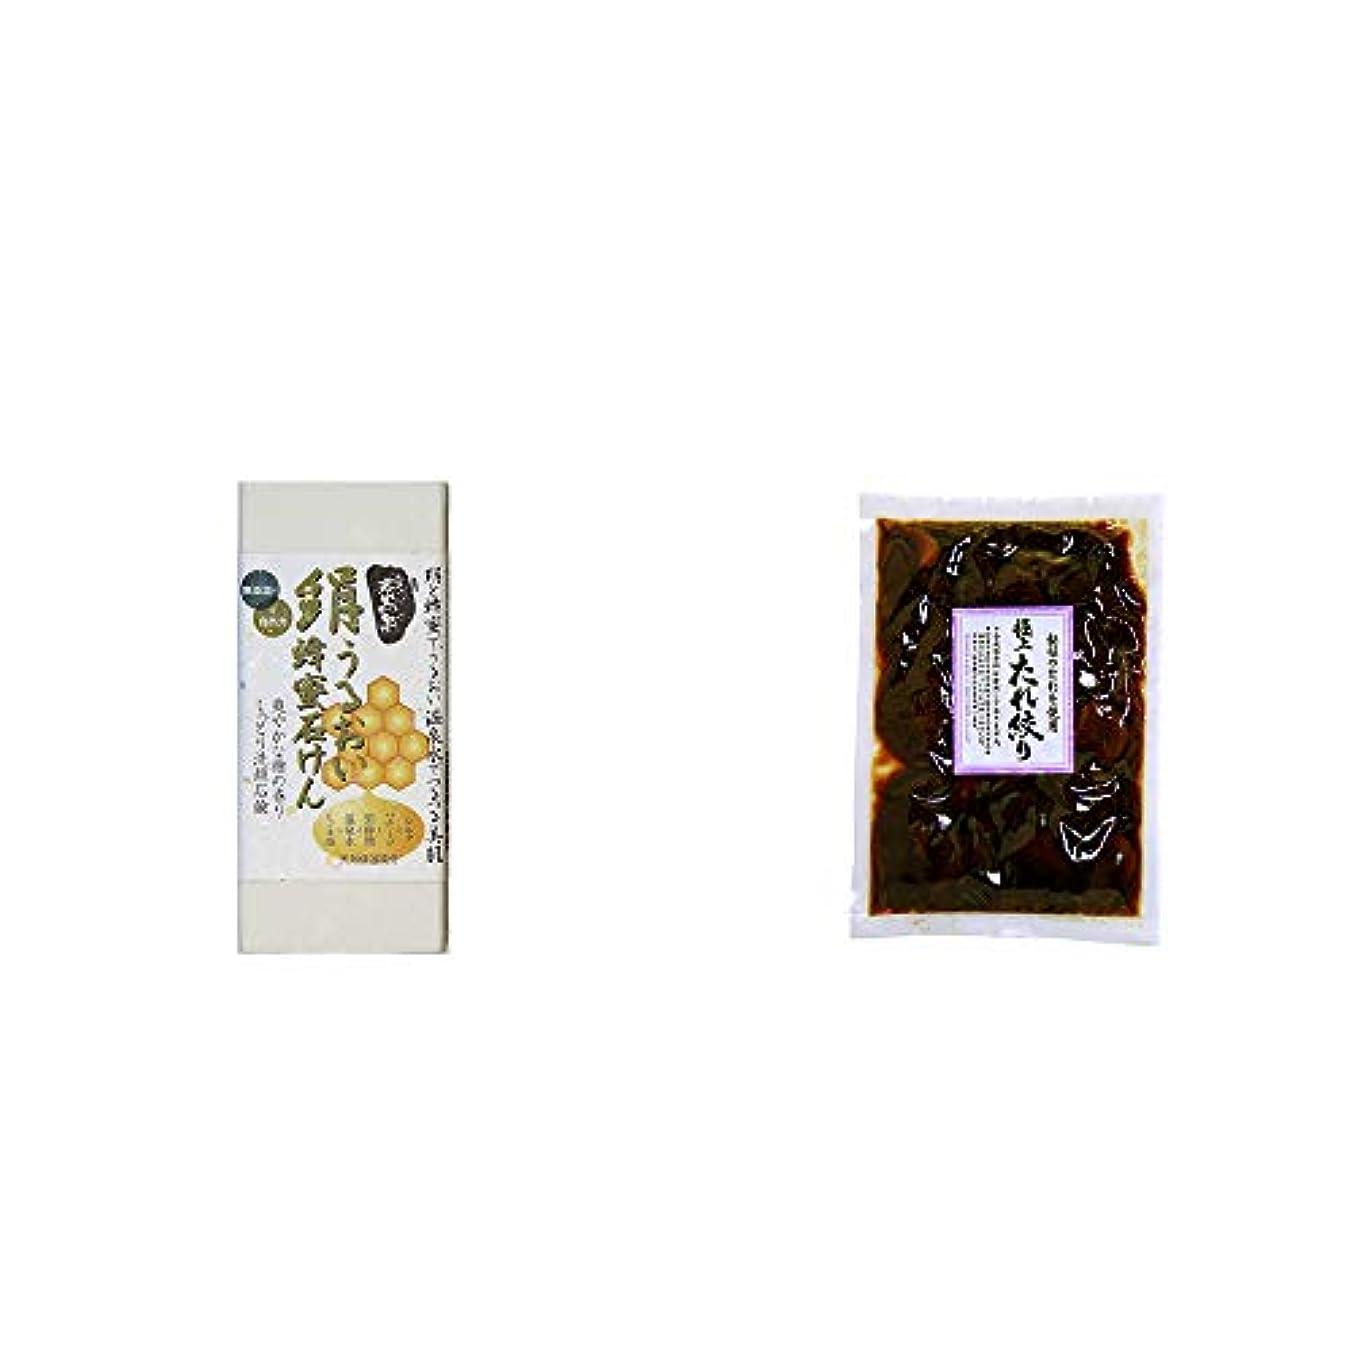 ばかげているパーツ正しく[2点セット] ひのき炭黒泉 絹うるおい蜂蜜石けん(75g×2)?国産 極上たれ絞り(250g)